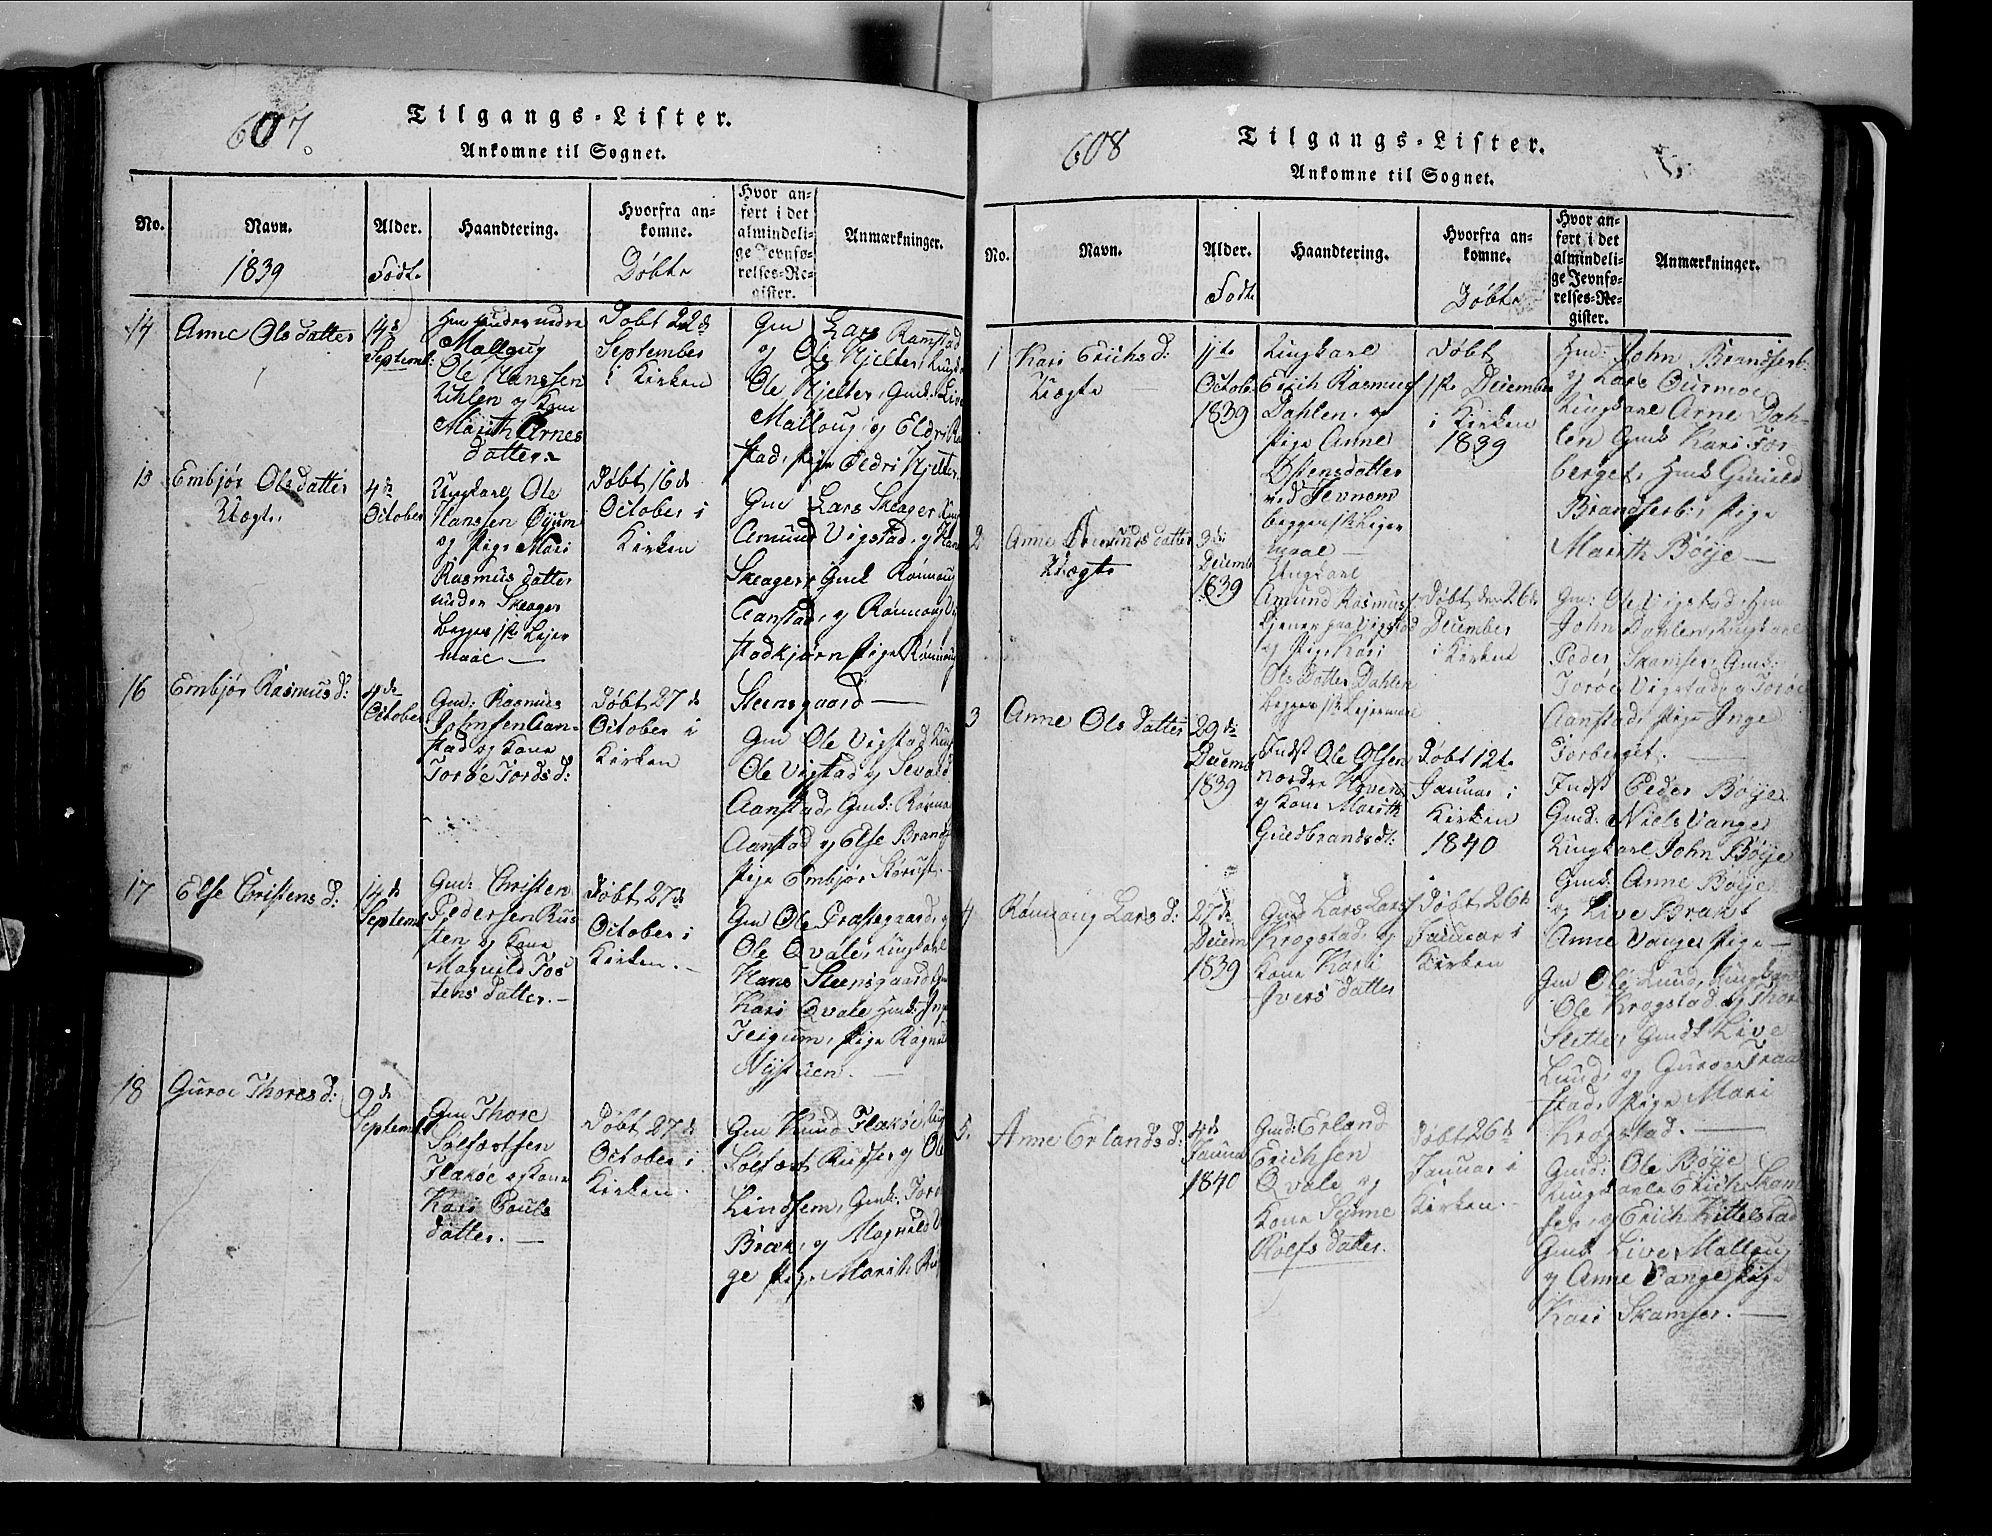 SAH, Lom prestekontor, L/L0003: Klokkerbok nr. 3, 1815-1844, s. 607-608